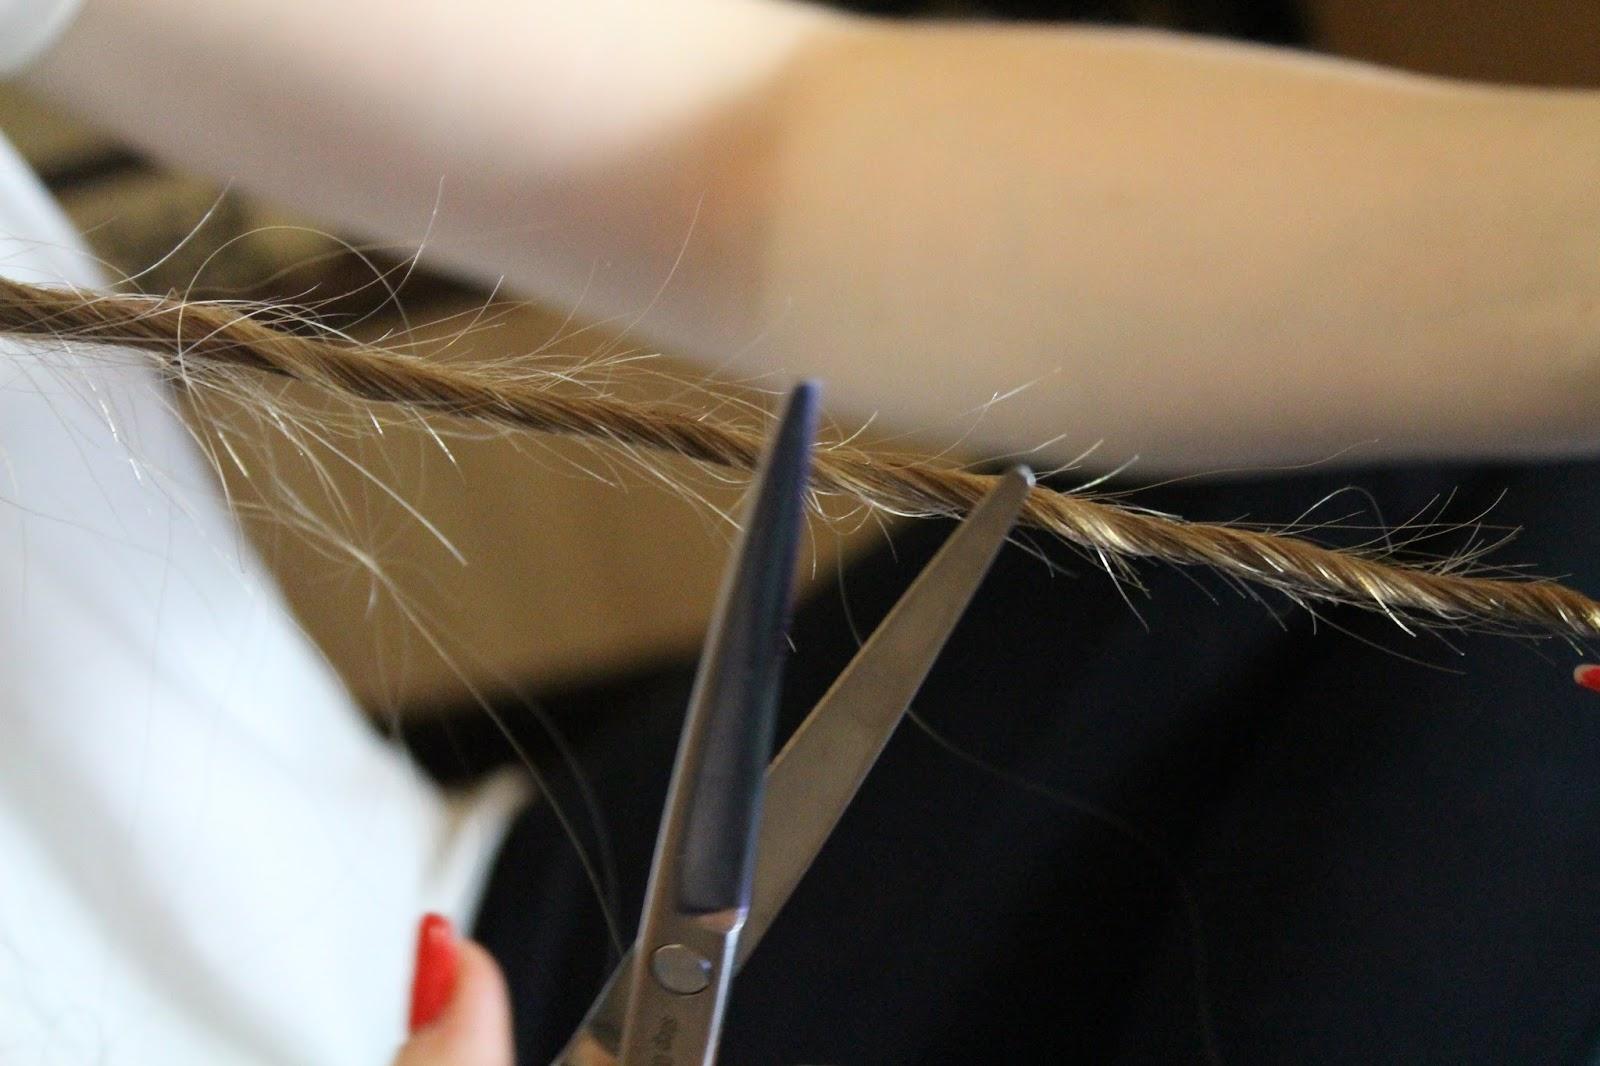 Средства от секущихся кончиков волос Домашние народные 22